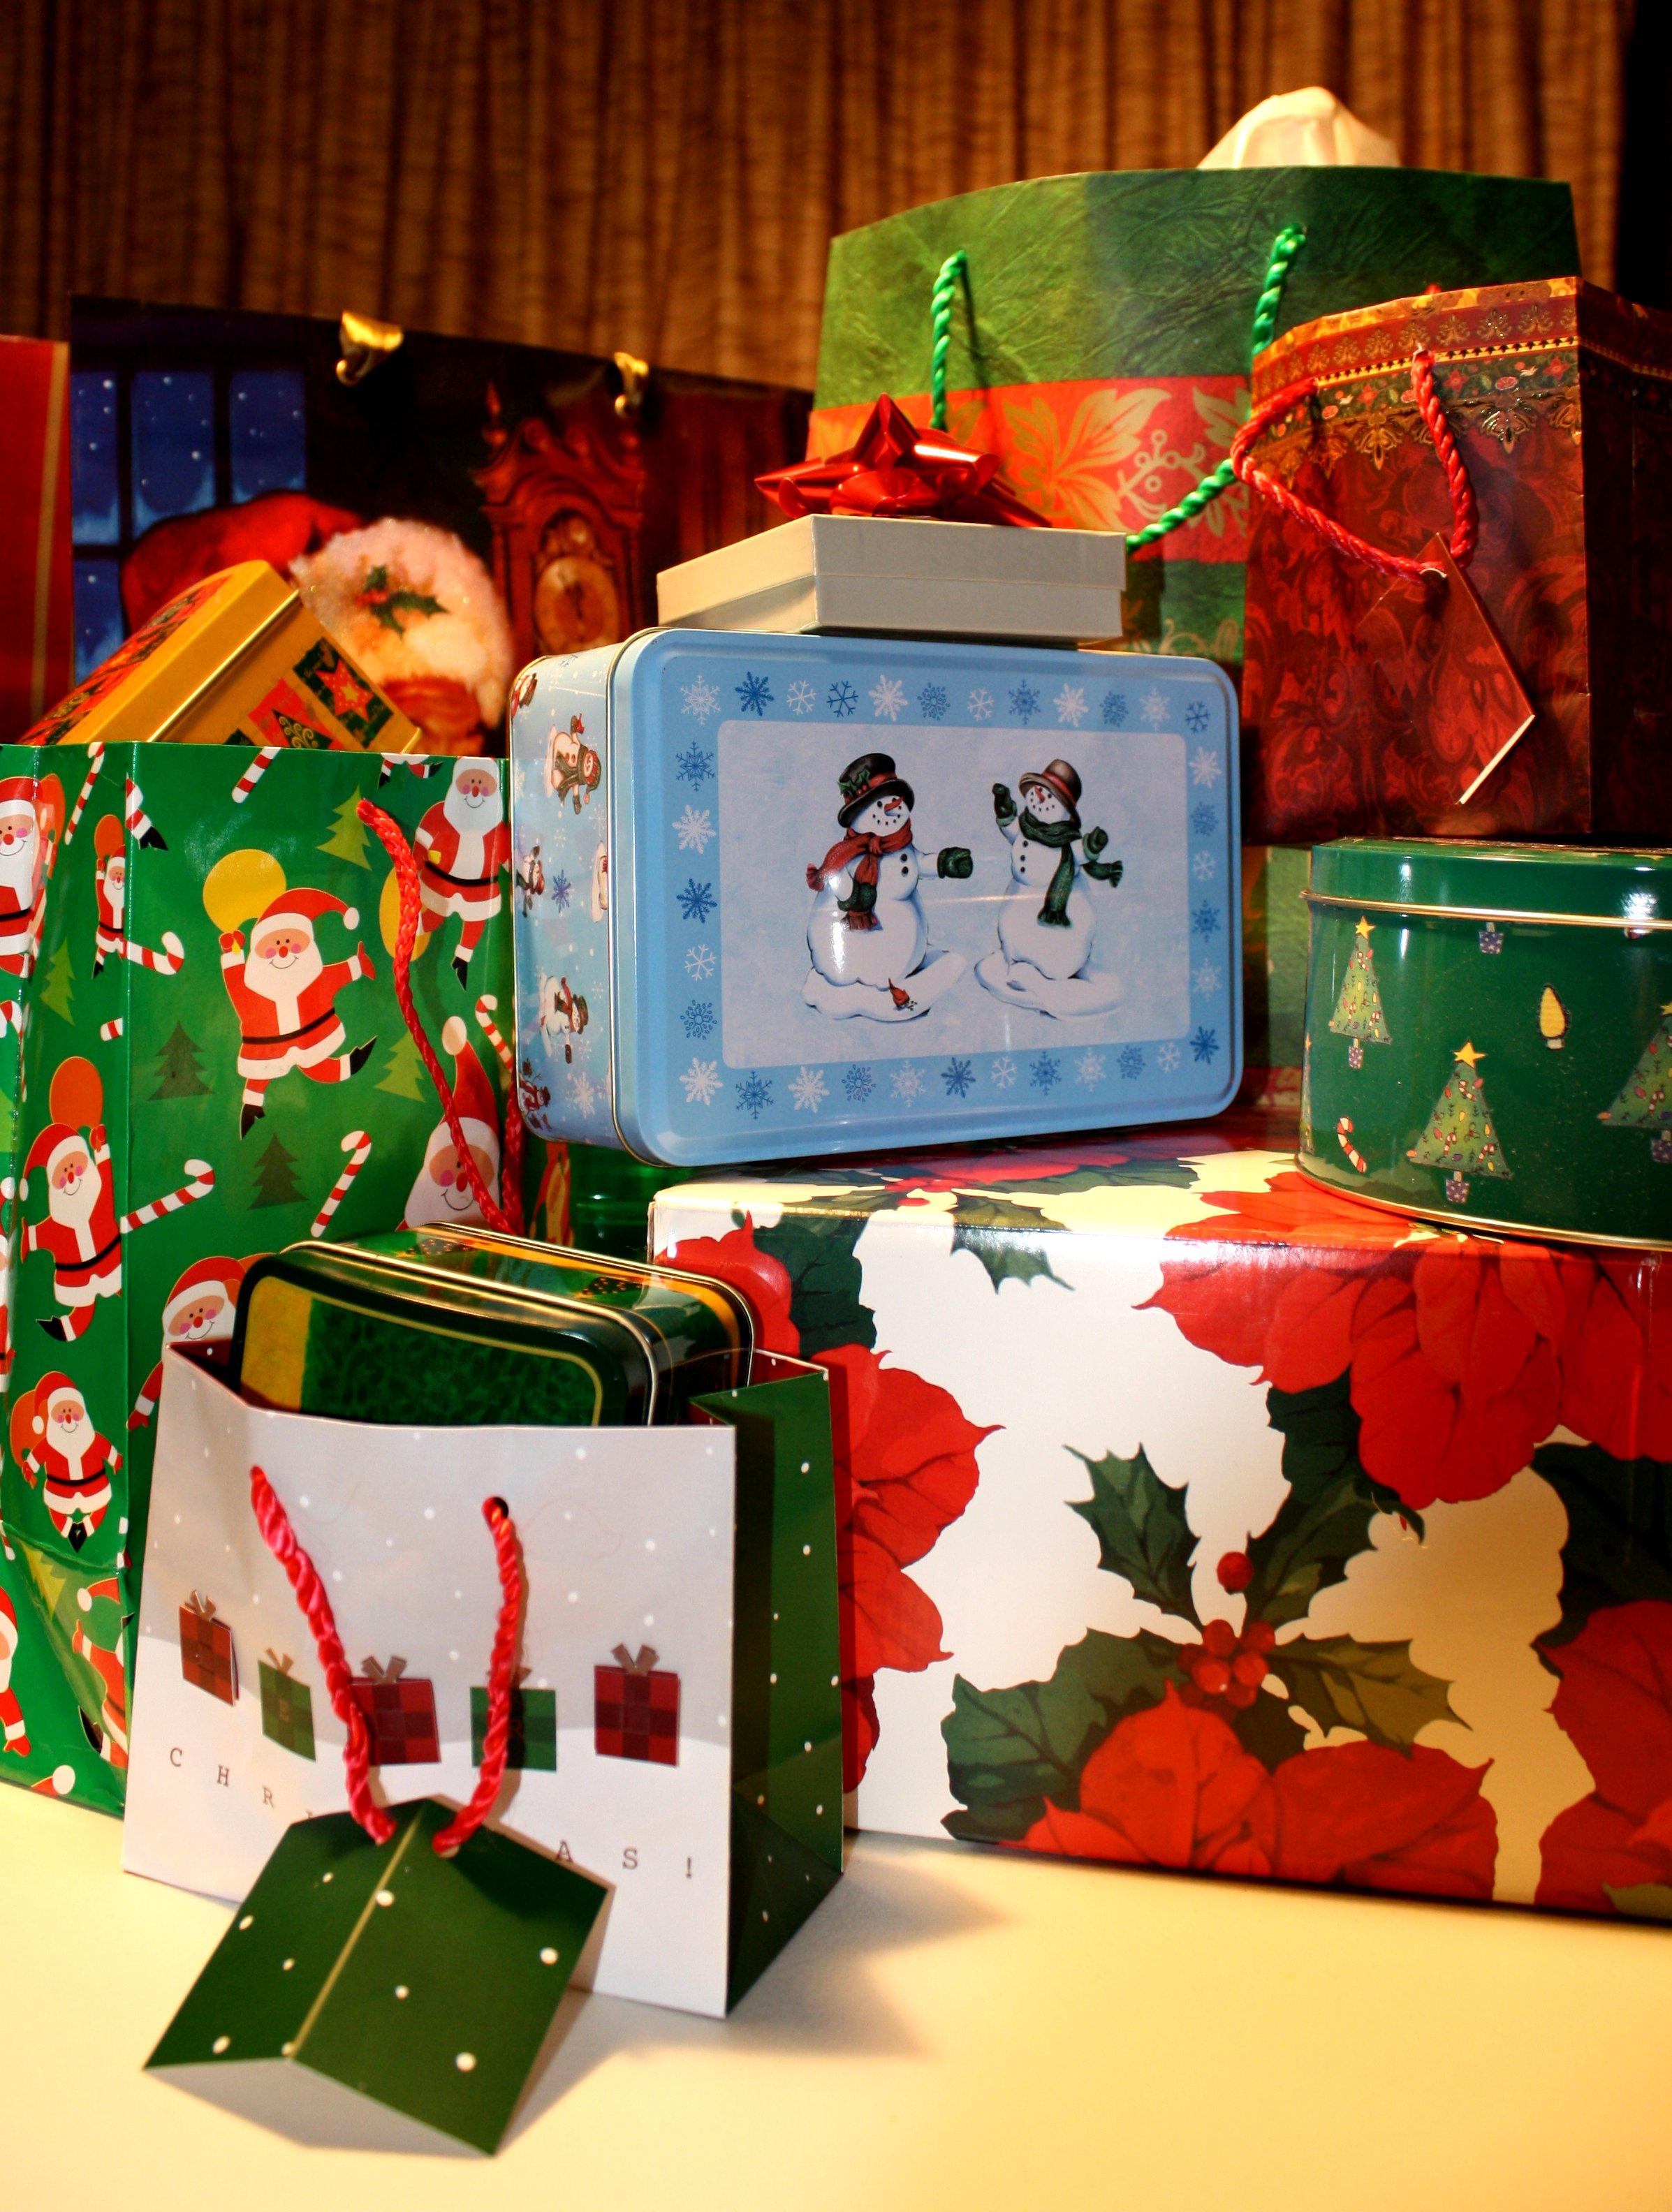 Christmas Gift Packages & Christmas Gift Packages Picture | Free Photograph | Photos Public Domain